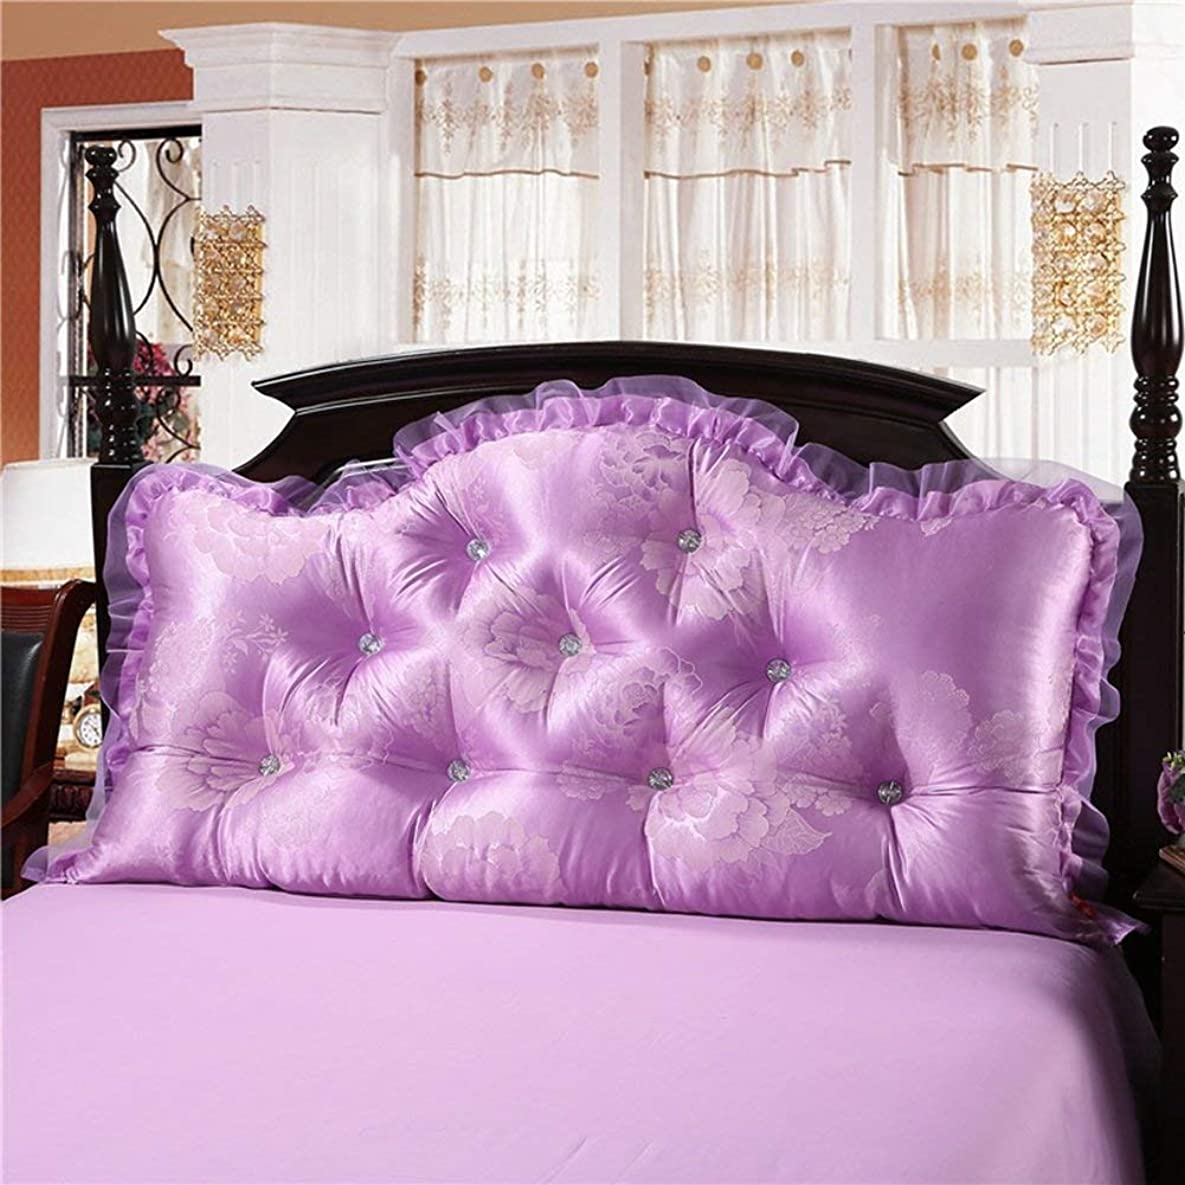 ピーブ領収書達成する2J-QingYun Trade ヘッドボードクッションソフトベッド枕シングルまたはダブルソファ大型背もたれレースウエストパッド (Color : #5, サイズ : 180x70x20cm)